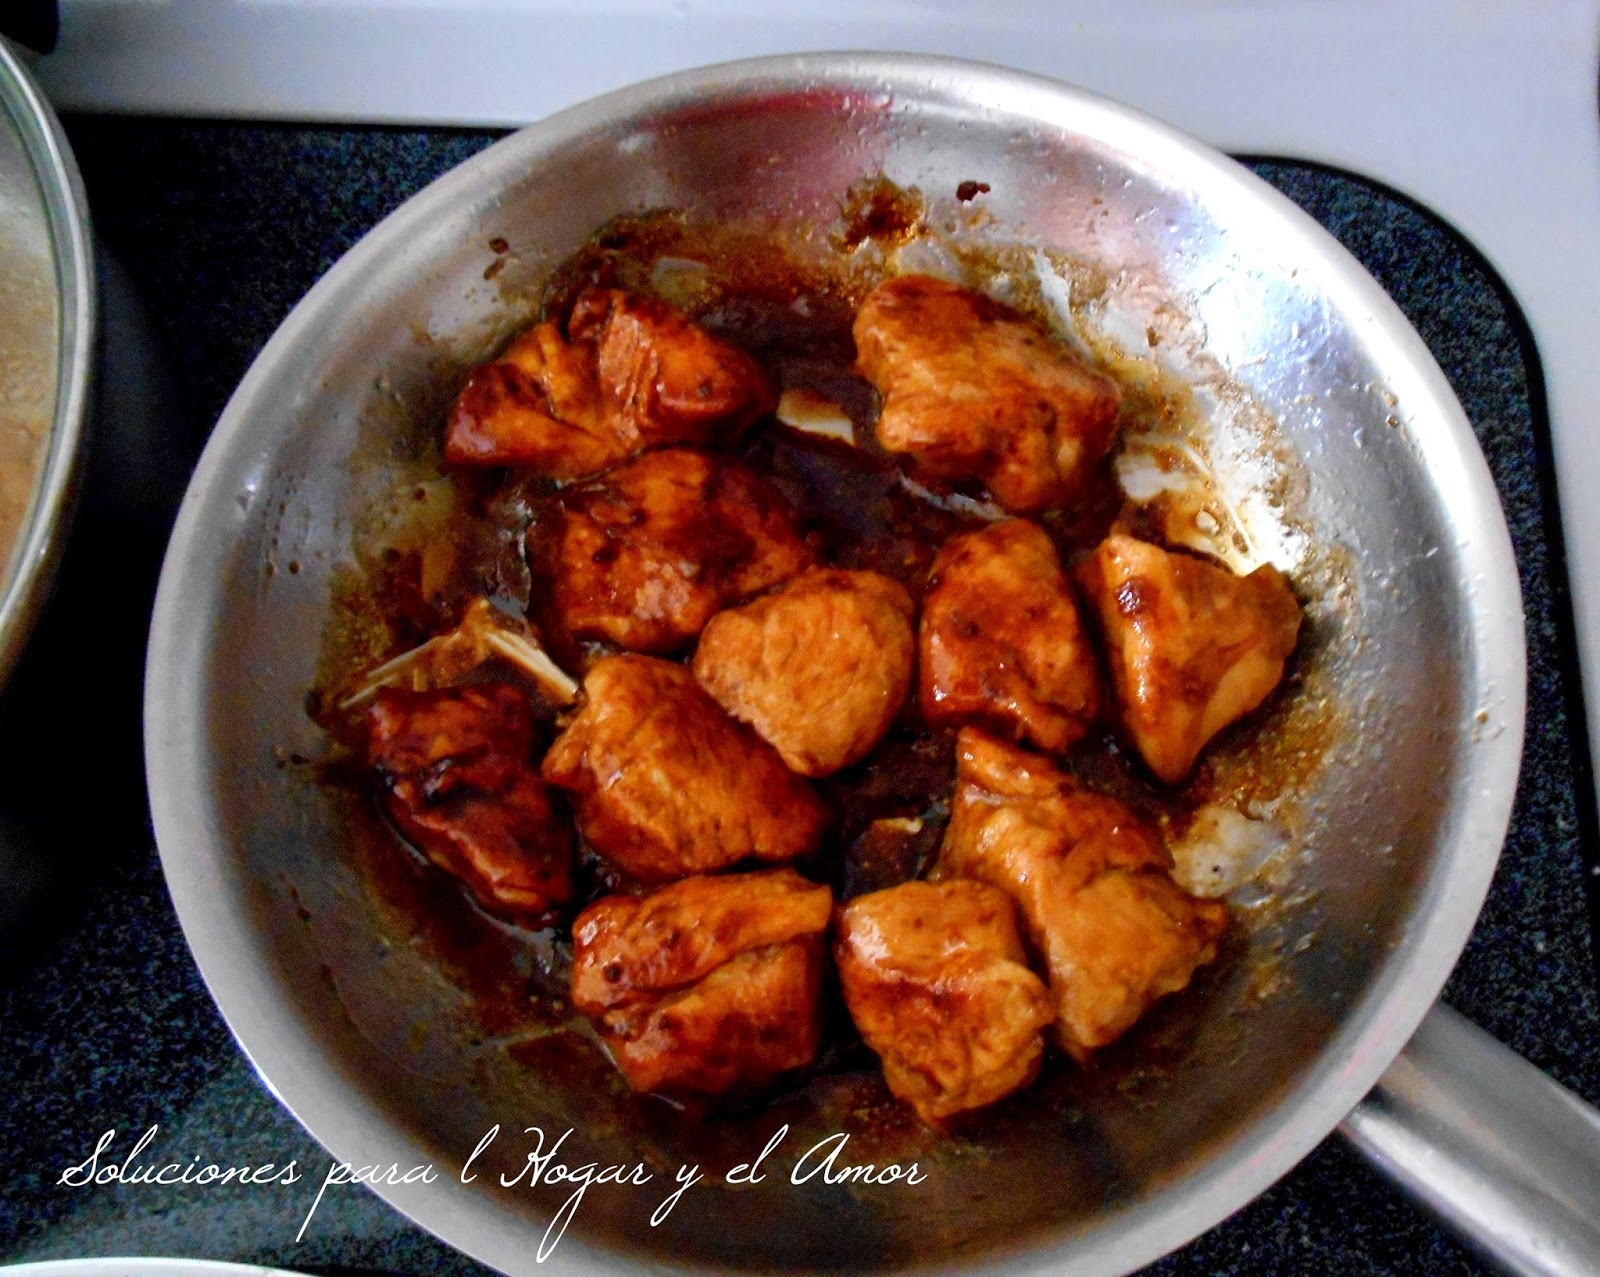 Receta de pollo agridulce sencilla, rápida receta de pollo agridulce con pocos ingredientes